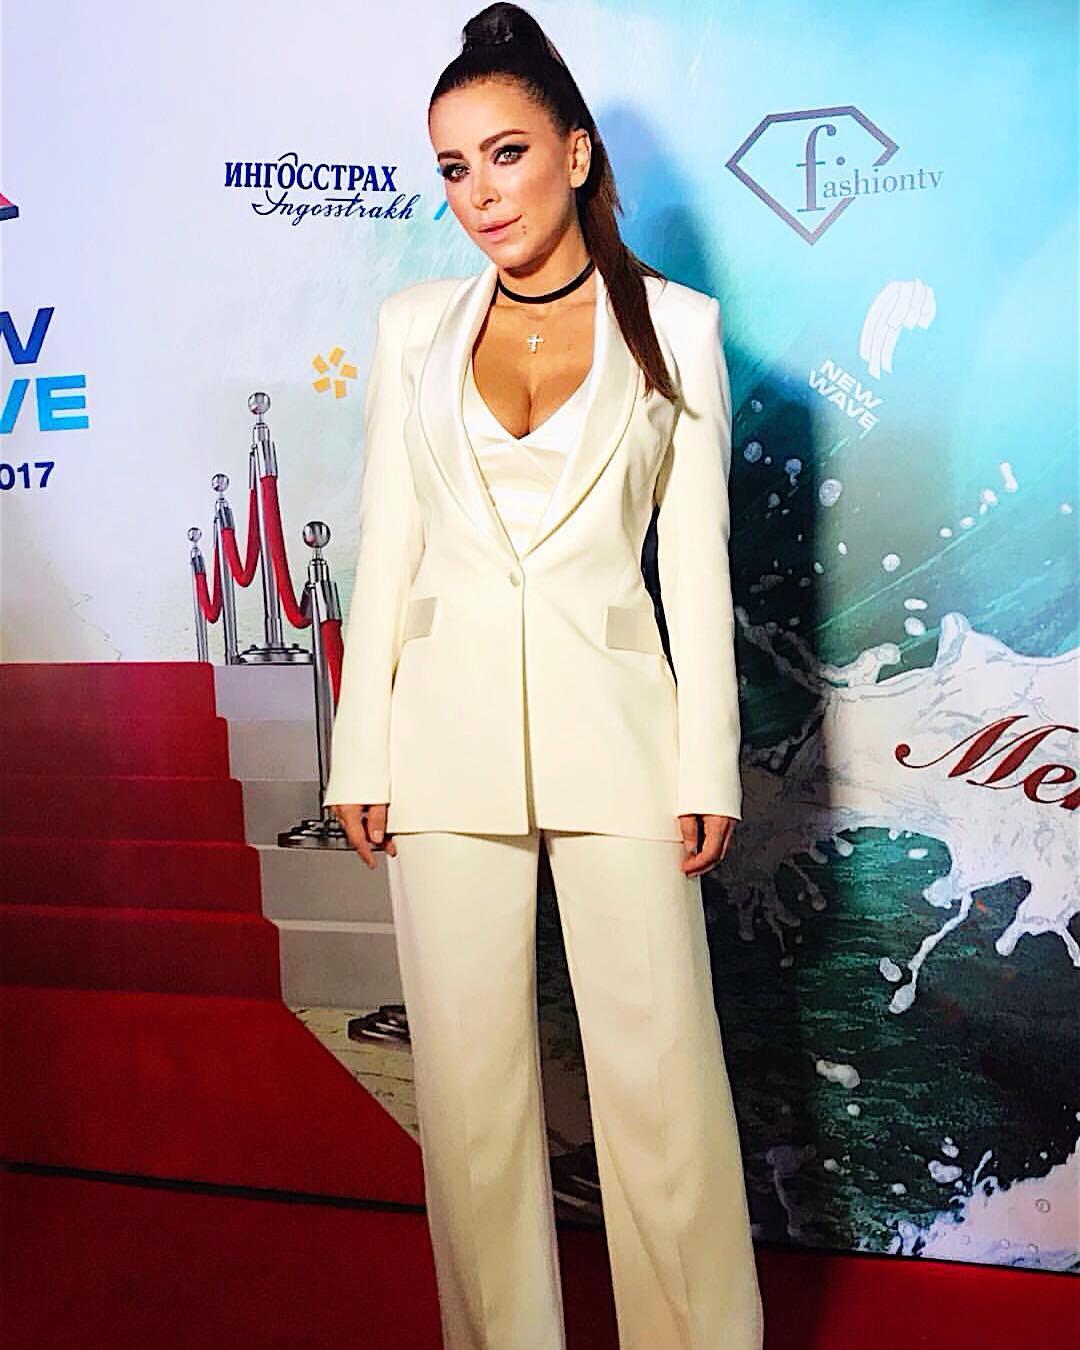 Фото ани лорак 2017-2018 платья